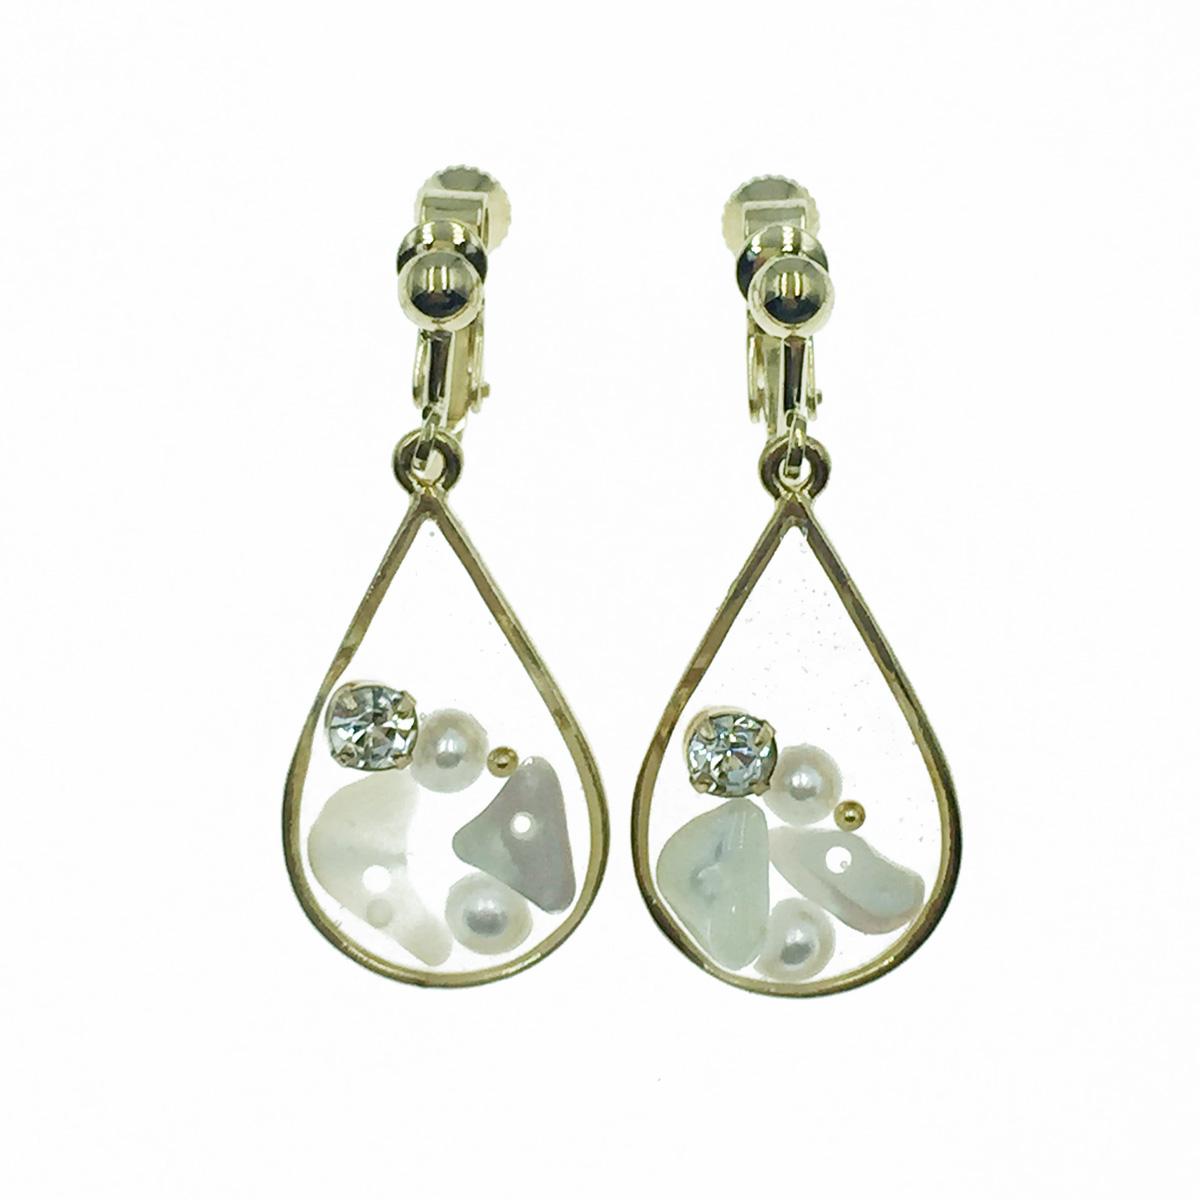 韓國 珍珠 水鑽 水滴 透明感 氣質 垂墜感 夾式耳環